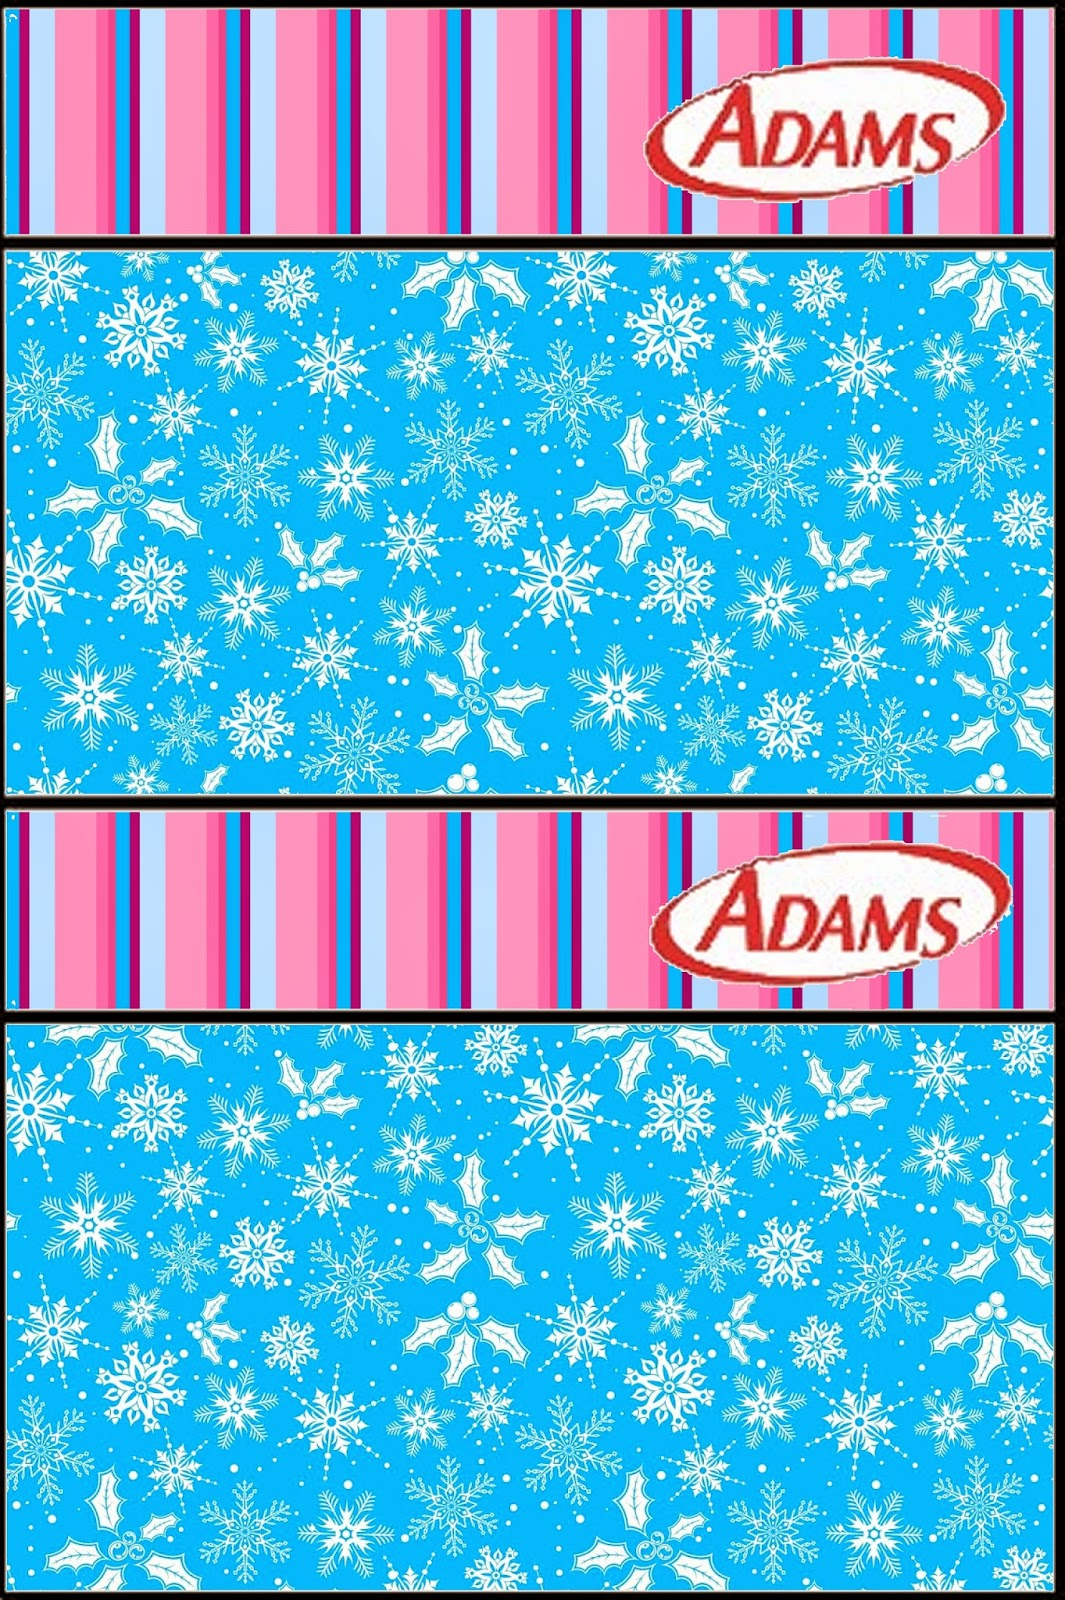 Etiqueta Golosinas Adams de Frozen en Morado y Celeste para Navidad para imprimir gratis.